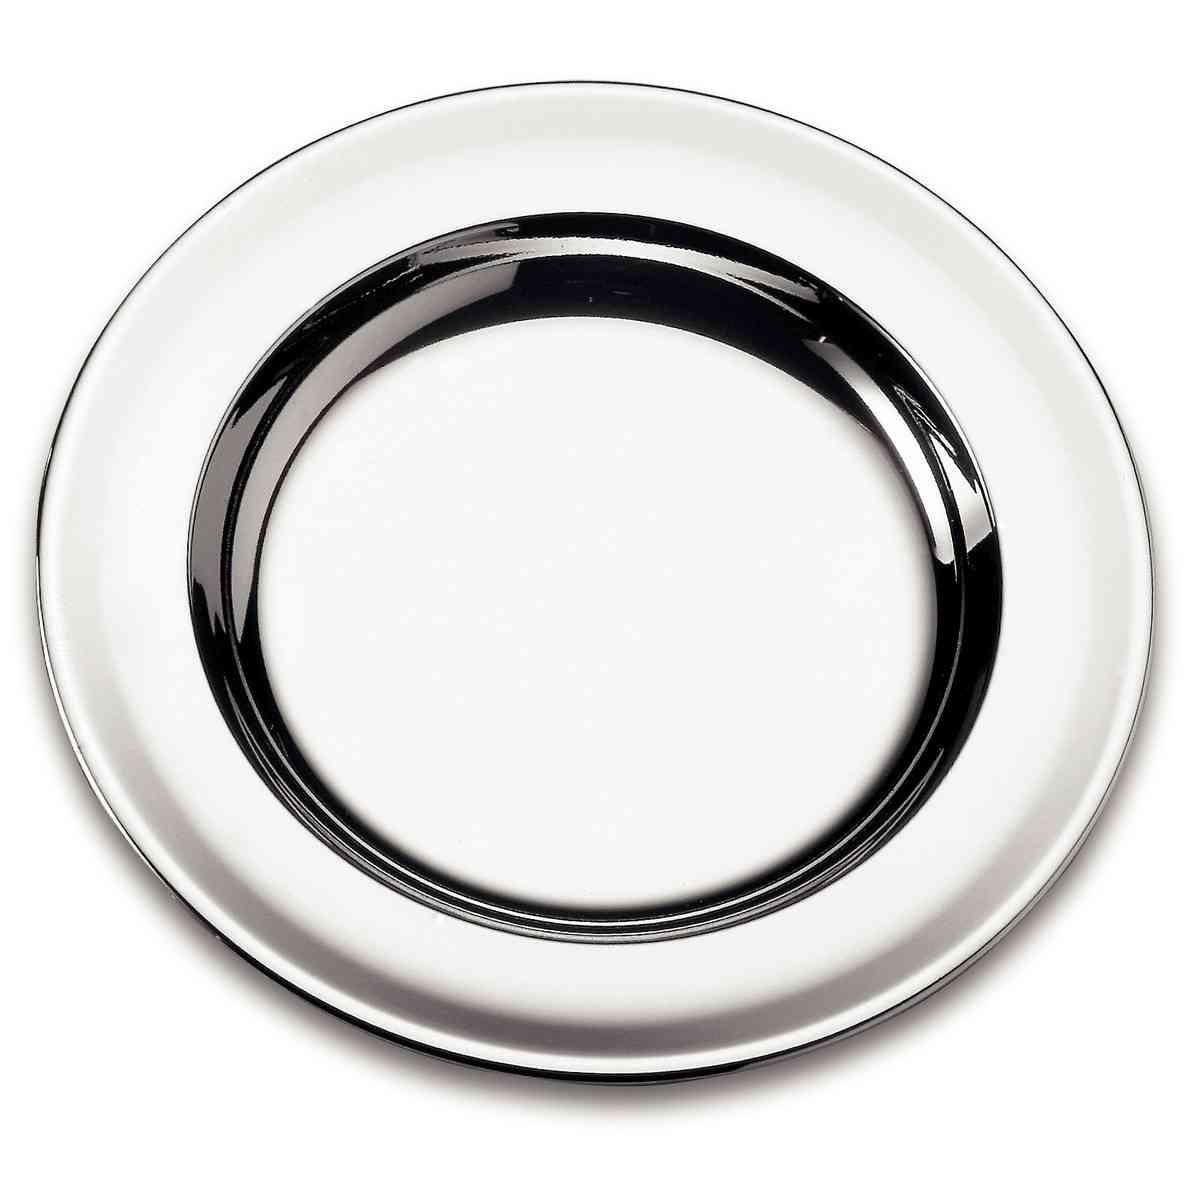 Prato raso aço inox Tramontina 61416231